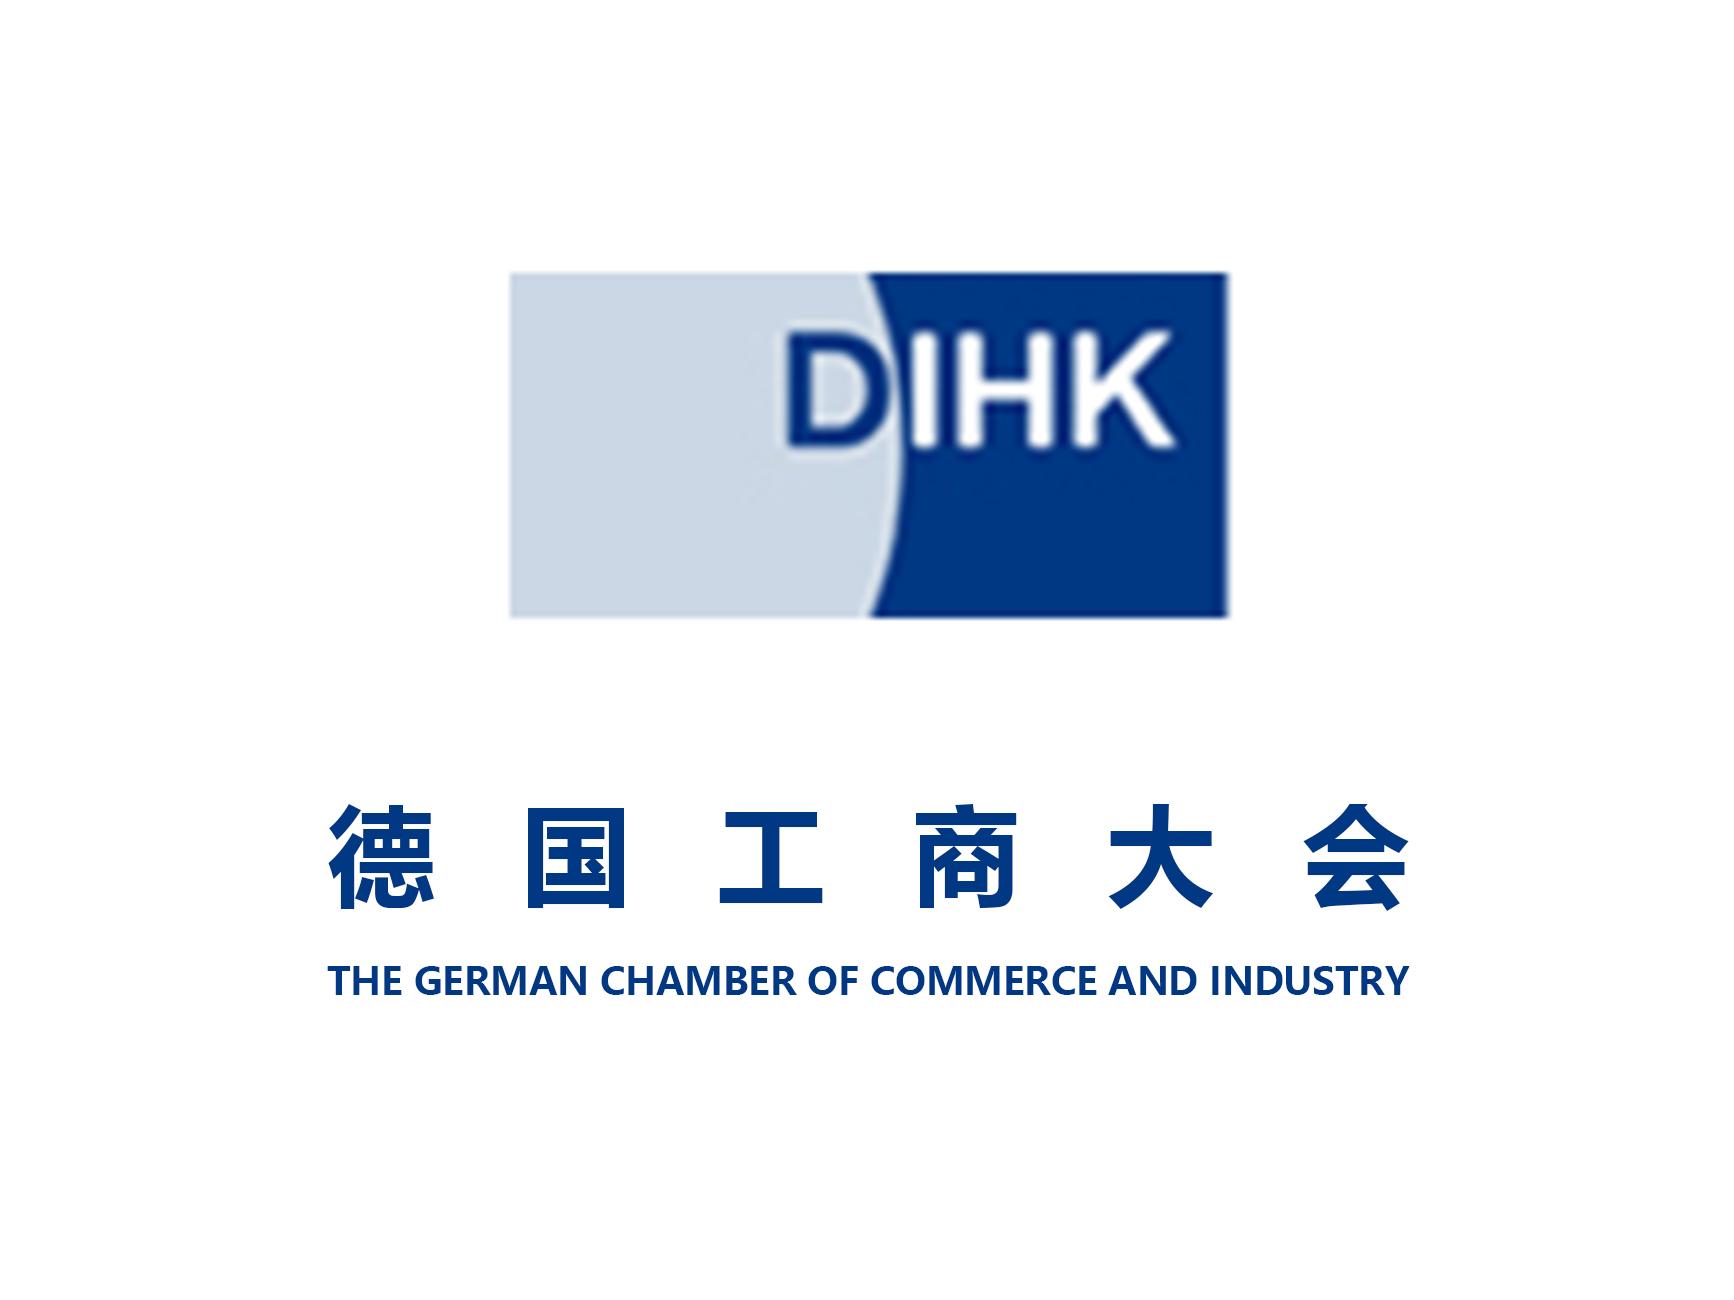 德国工商总会 / DIHK